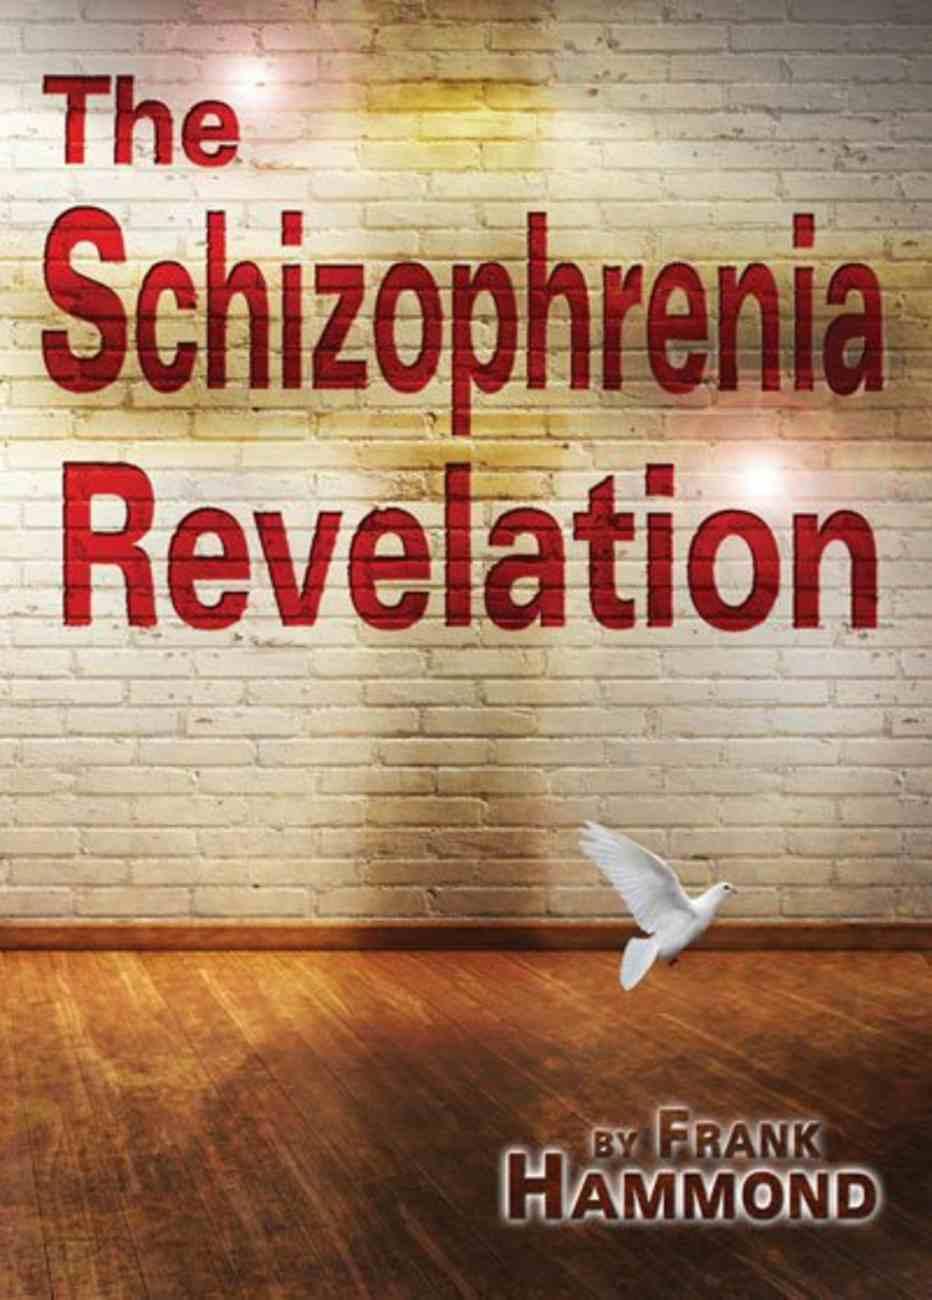 Schizophrenia Revelation (2 Dvds) DVD